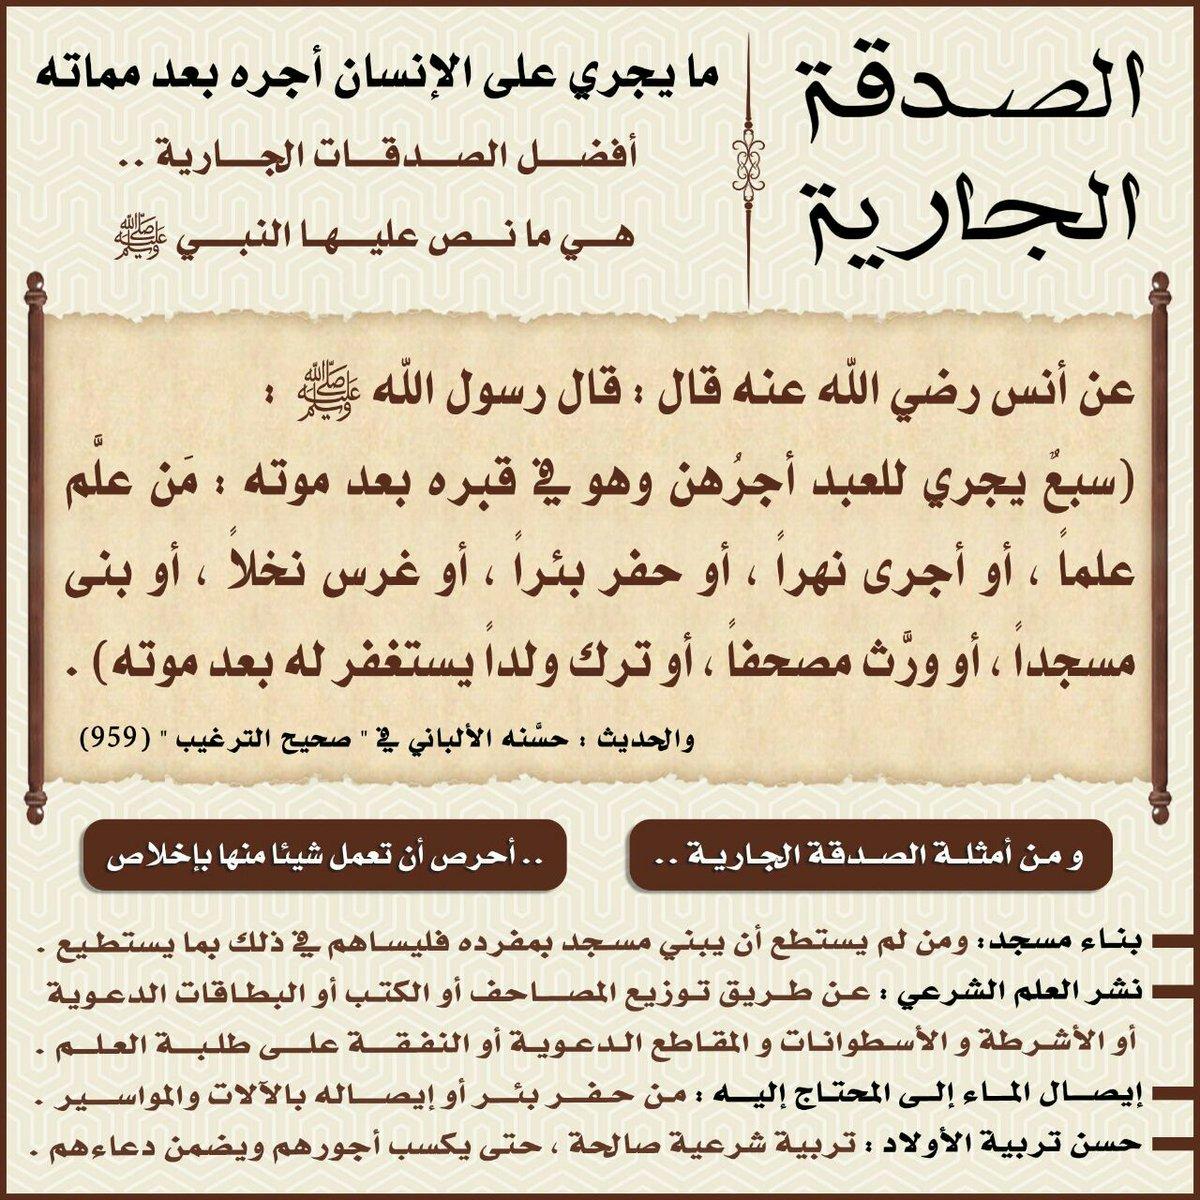 ما هي الصدقة الجارية وما الذي يصل الميت من أعمال الحي نور الاسلام